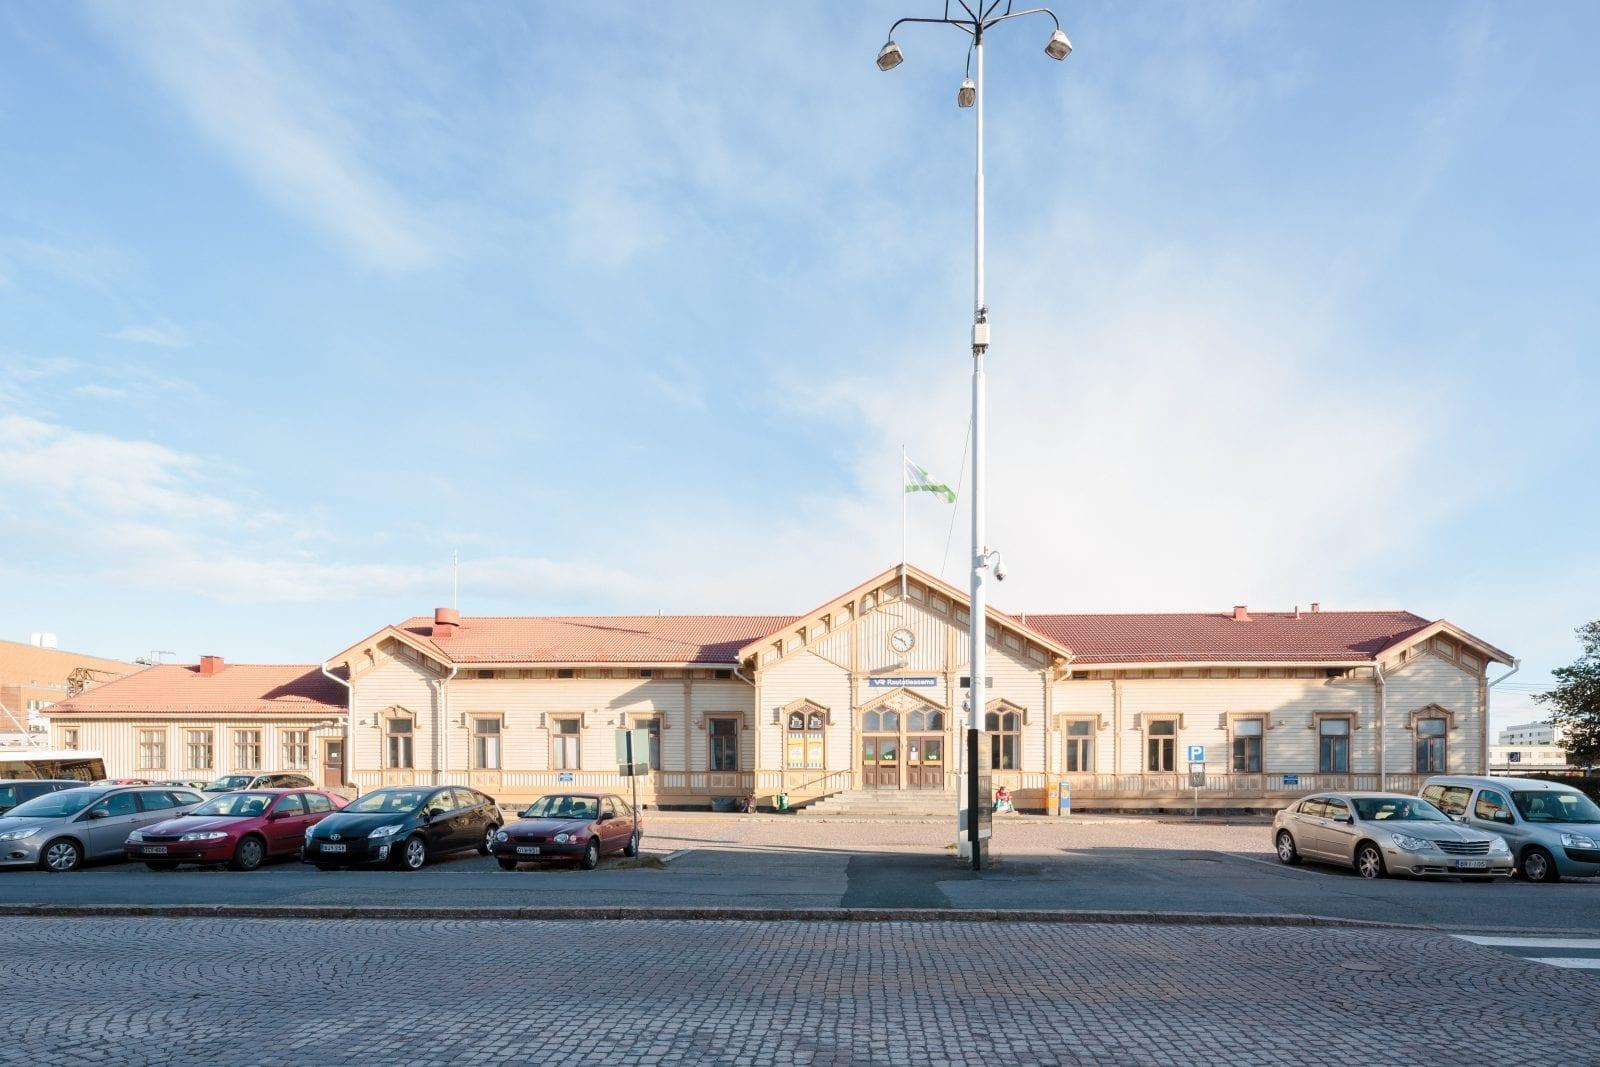 VR 20130923 Oulun rautatieasema, Oulu